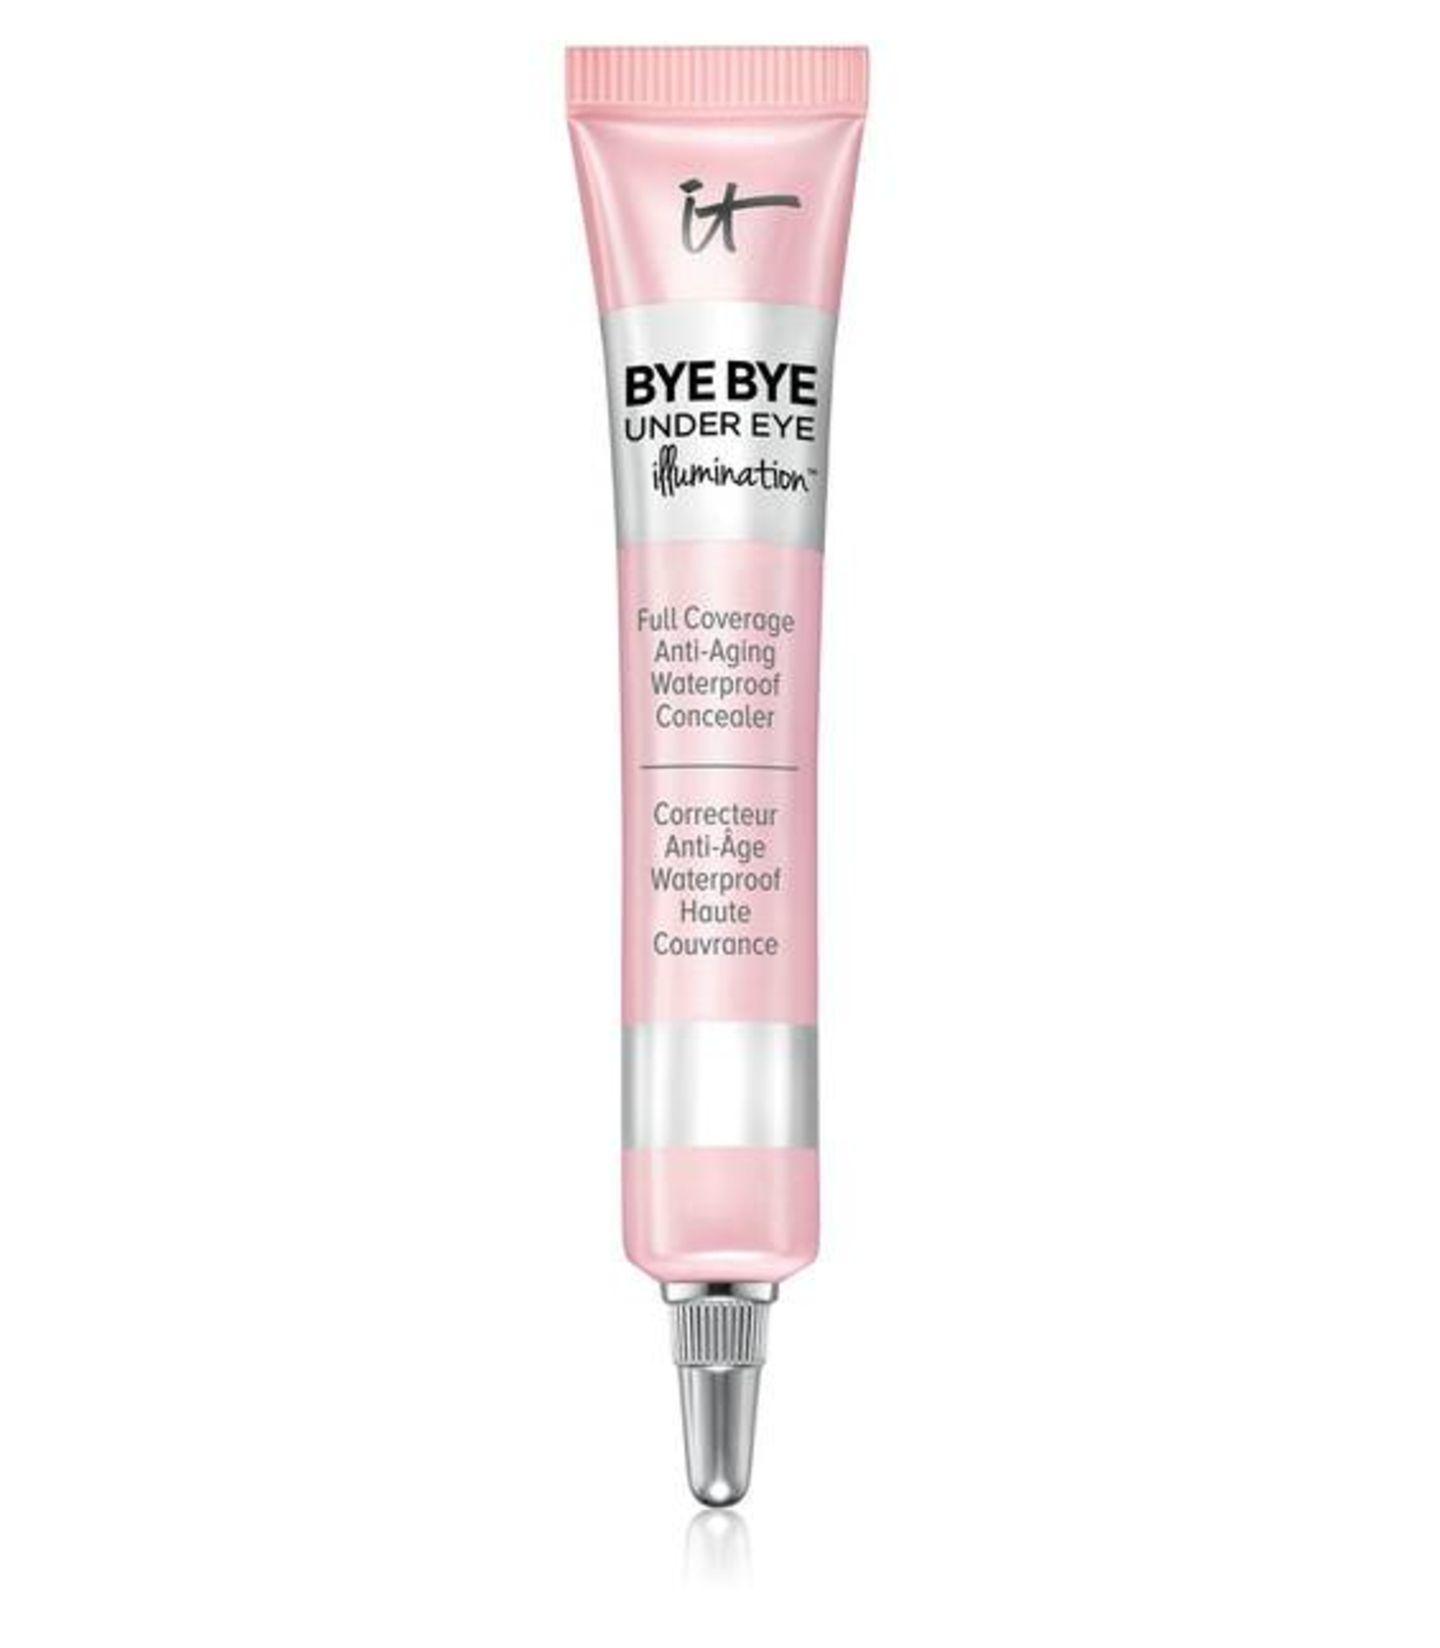 die besten Concealer: Bye Bye Under Eye Illumination Concealer